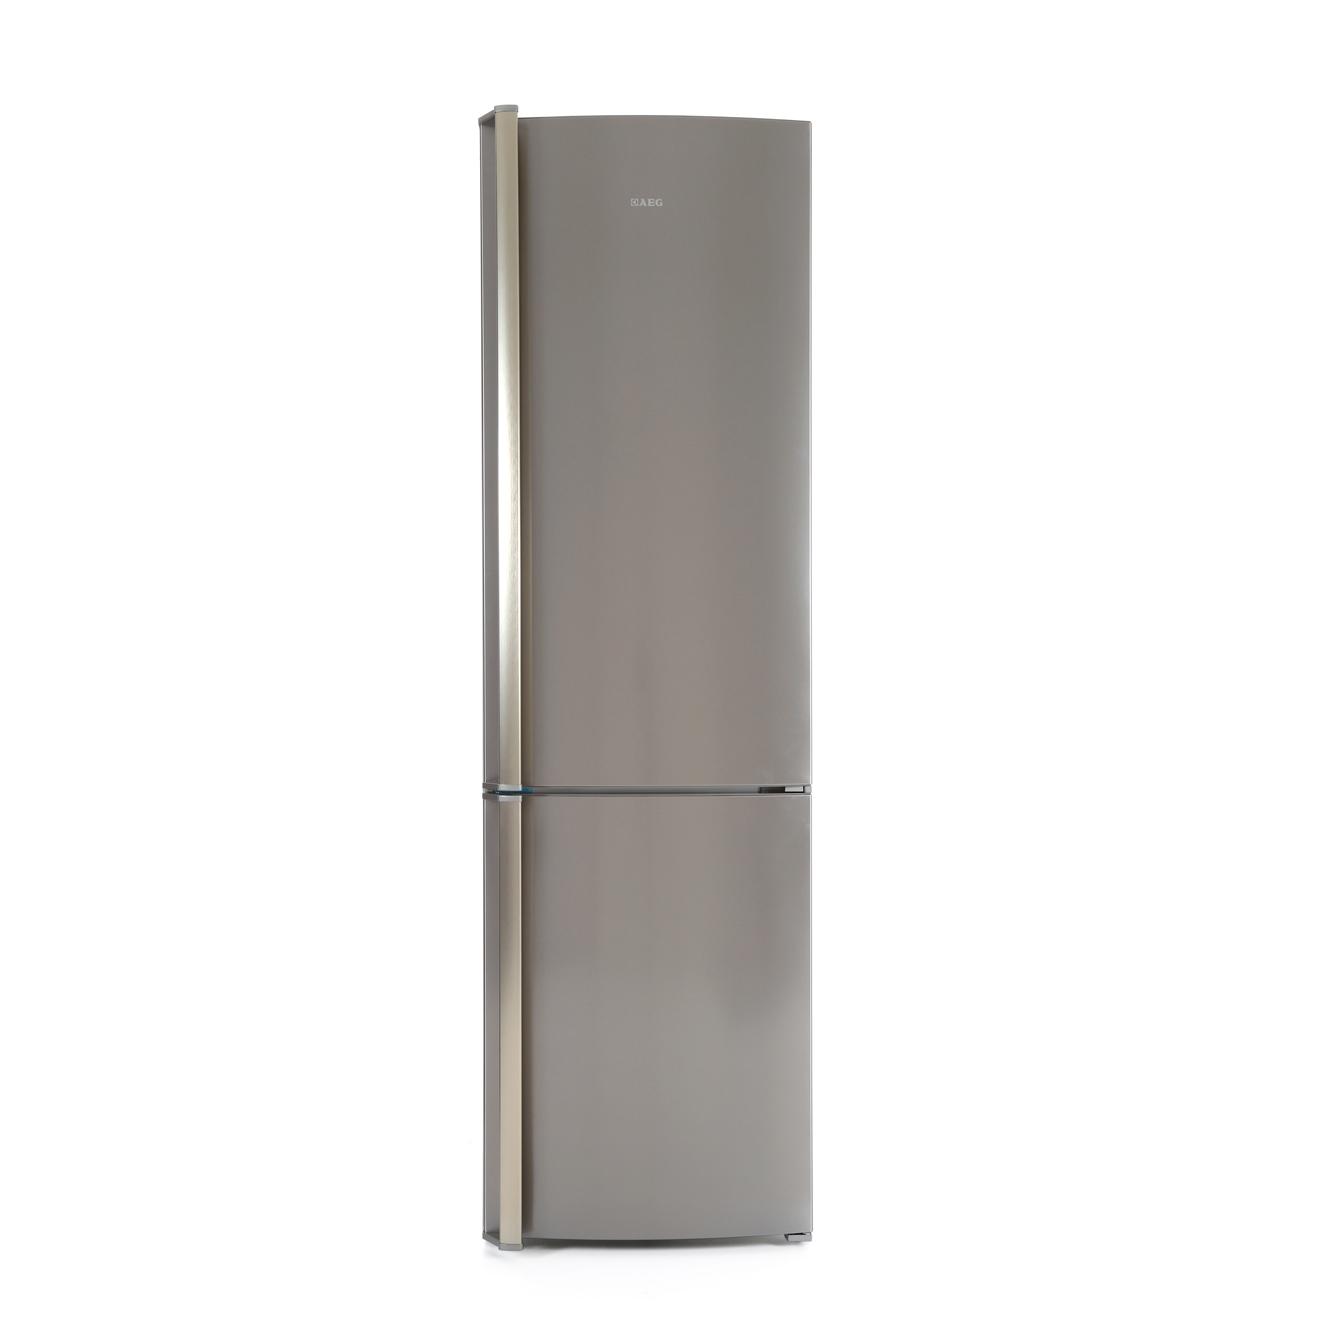 Buy Aeg S83820ctx2 Fridge Freezer Stainless Steel Door